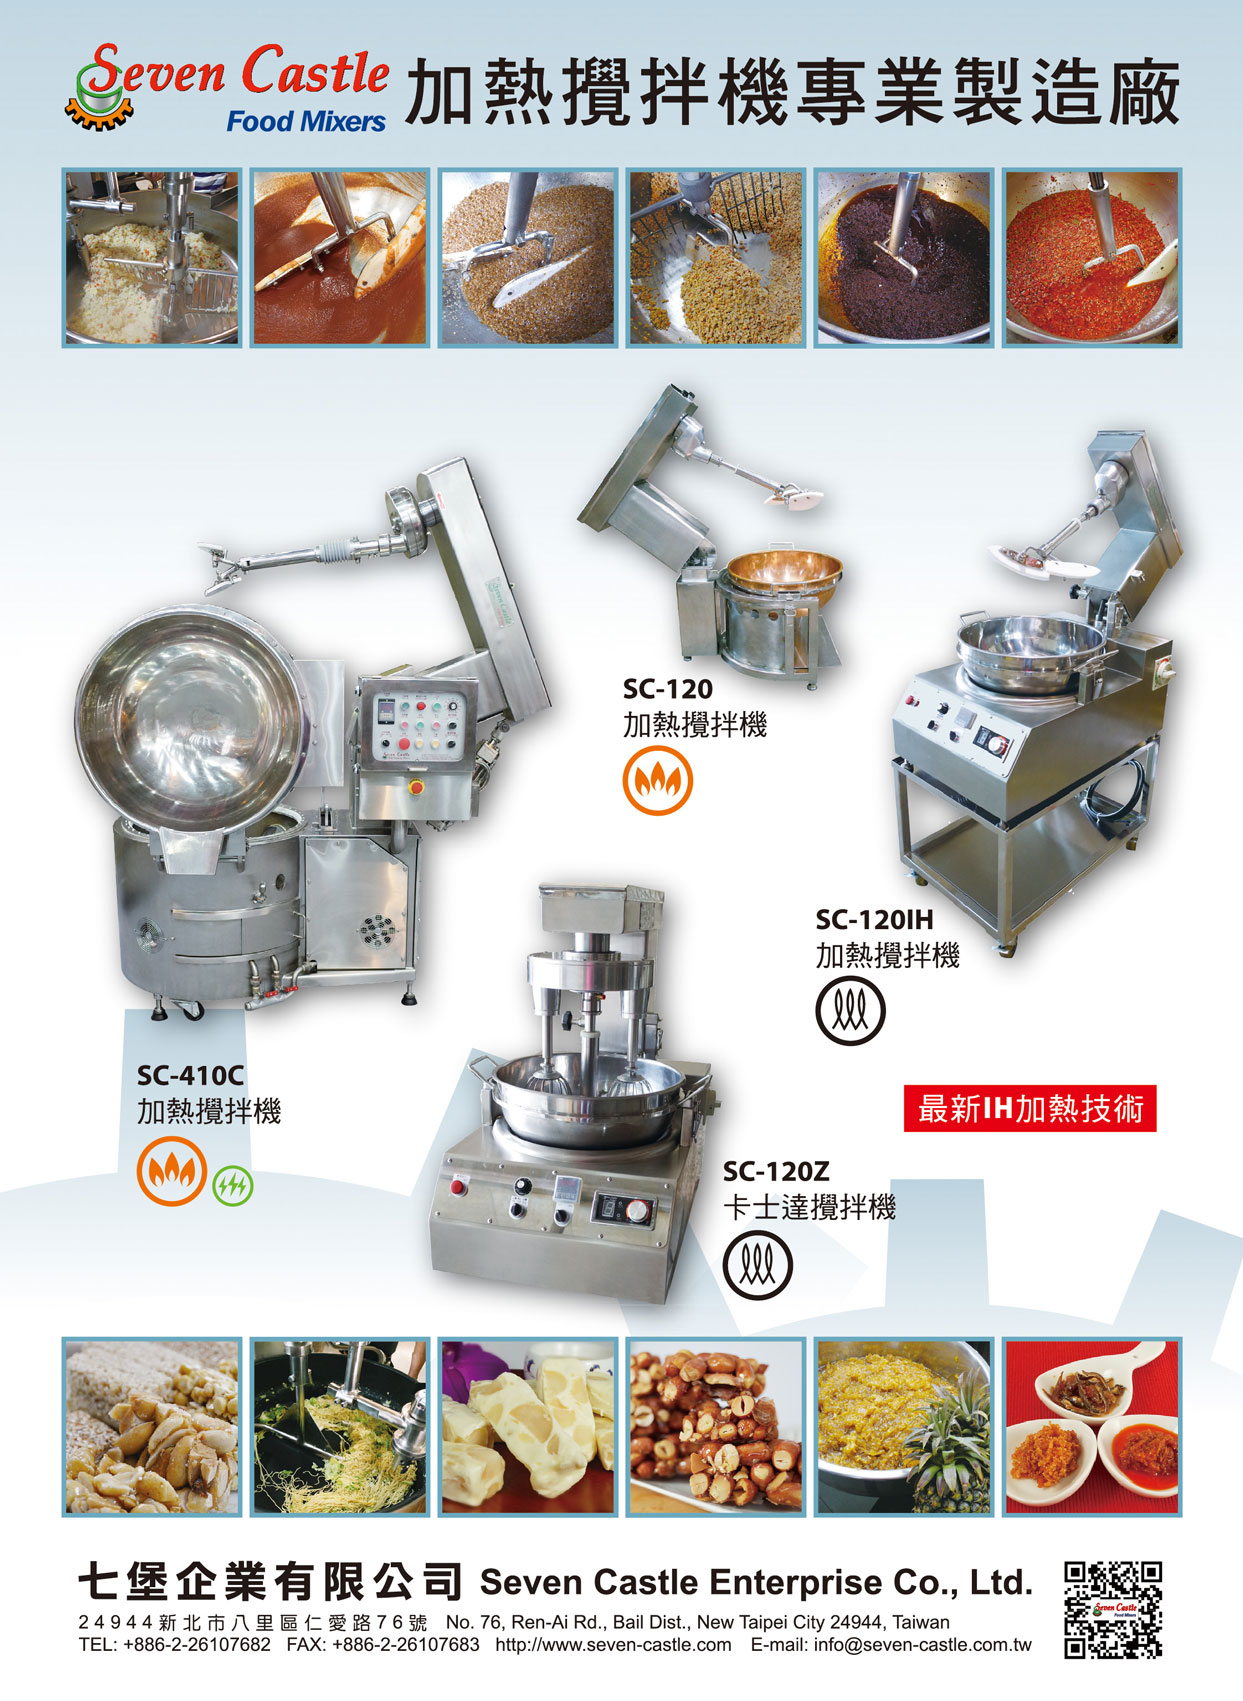 台北国际食品展 七堡企业有限公司